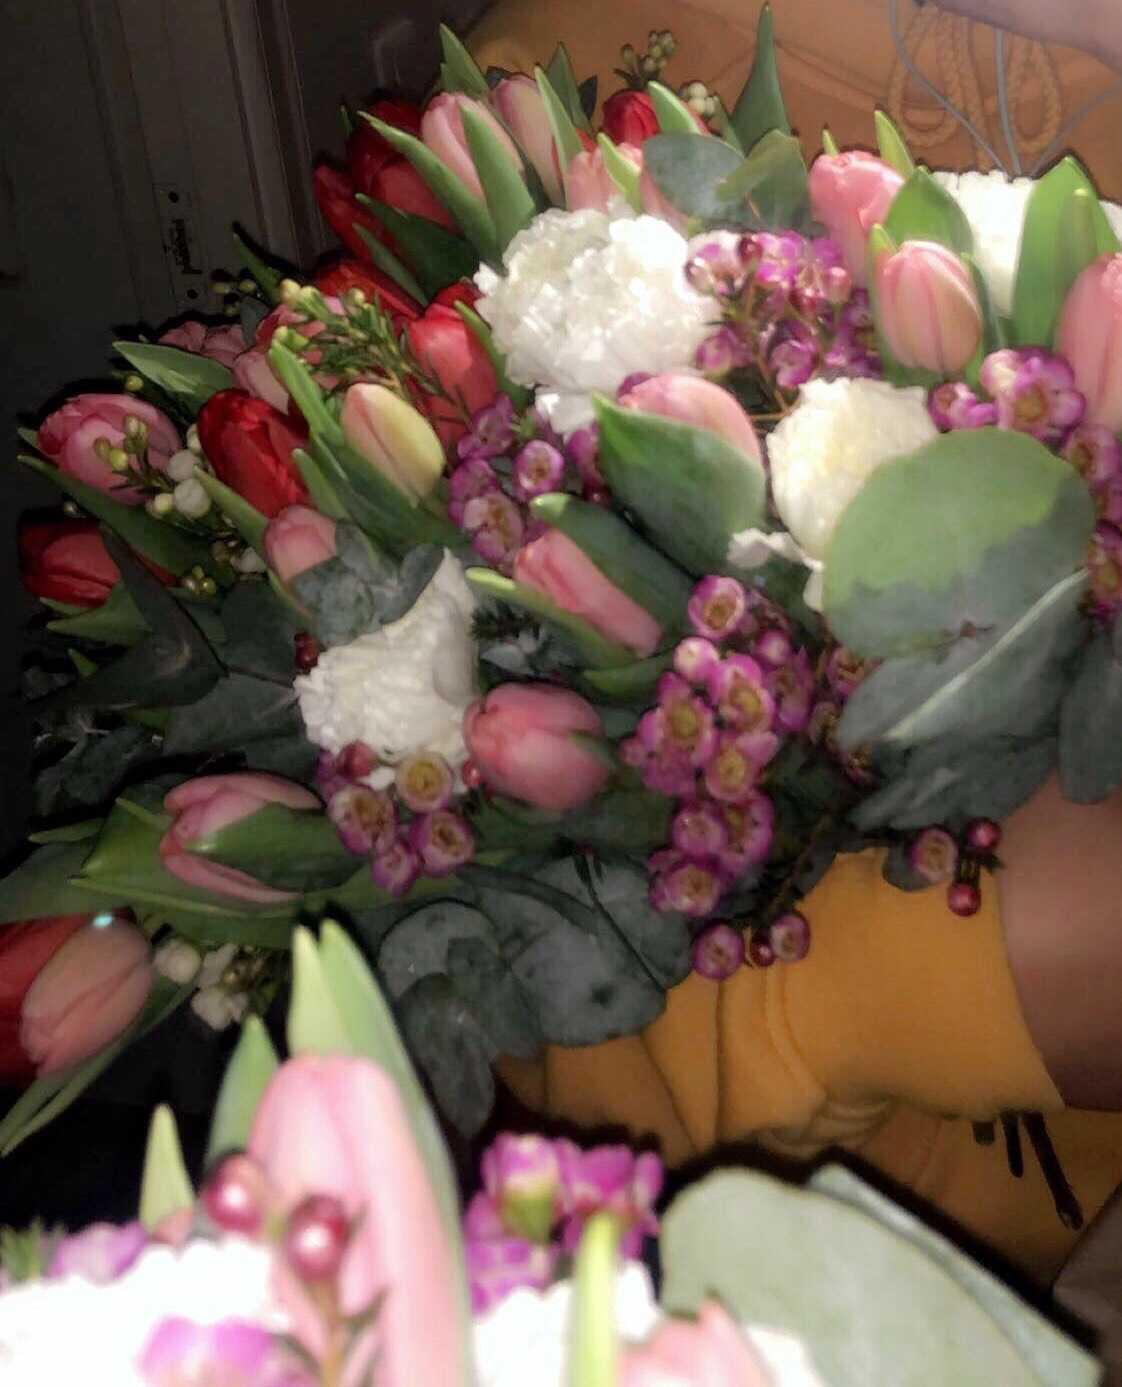 Blommorna kostade sammanlagt 750 kronor och hon vet inte vem som skickade dem.